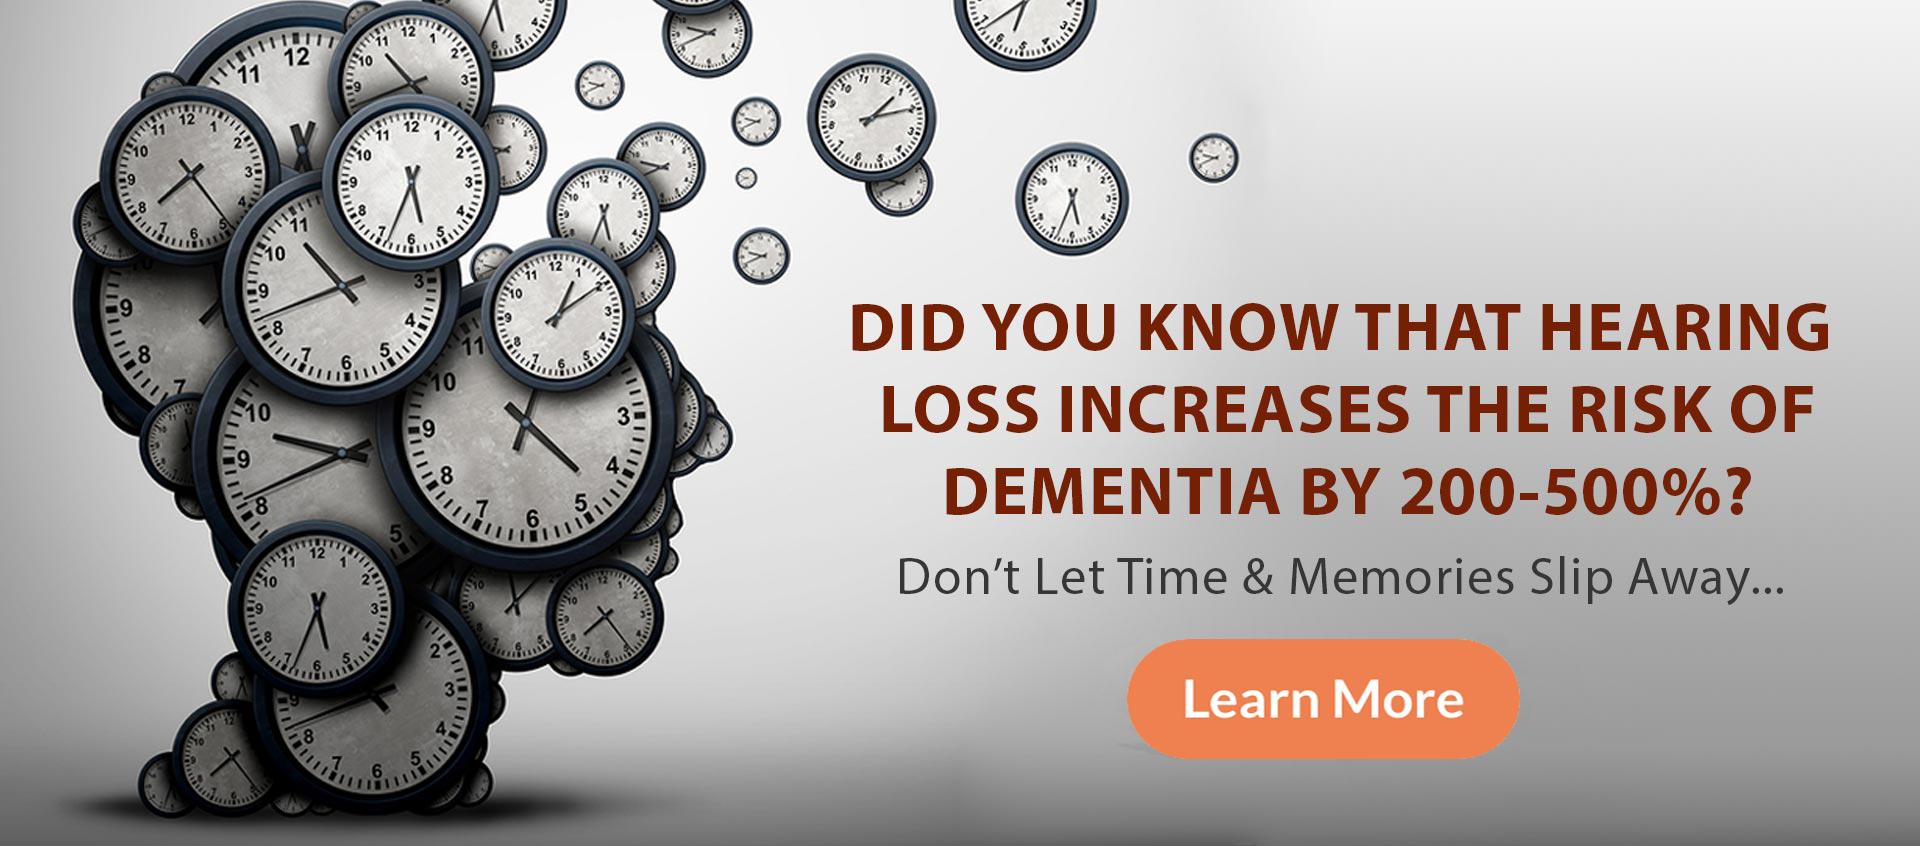 hearing loss increases dementia